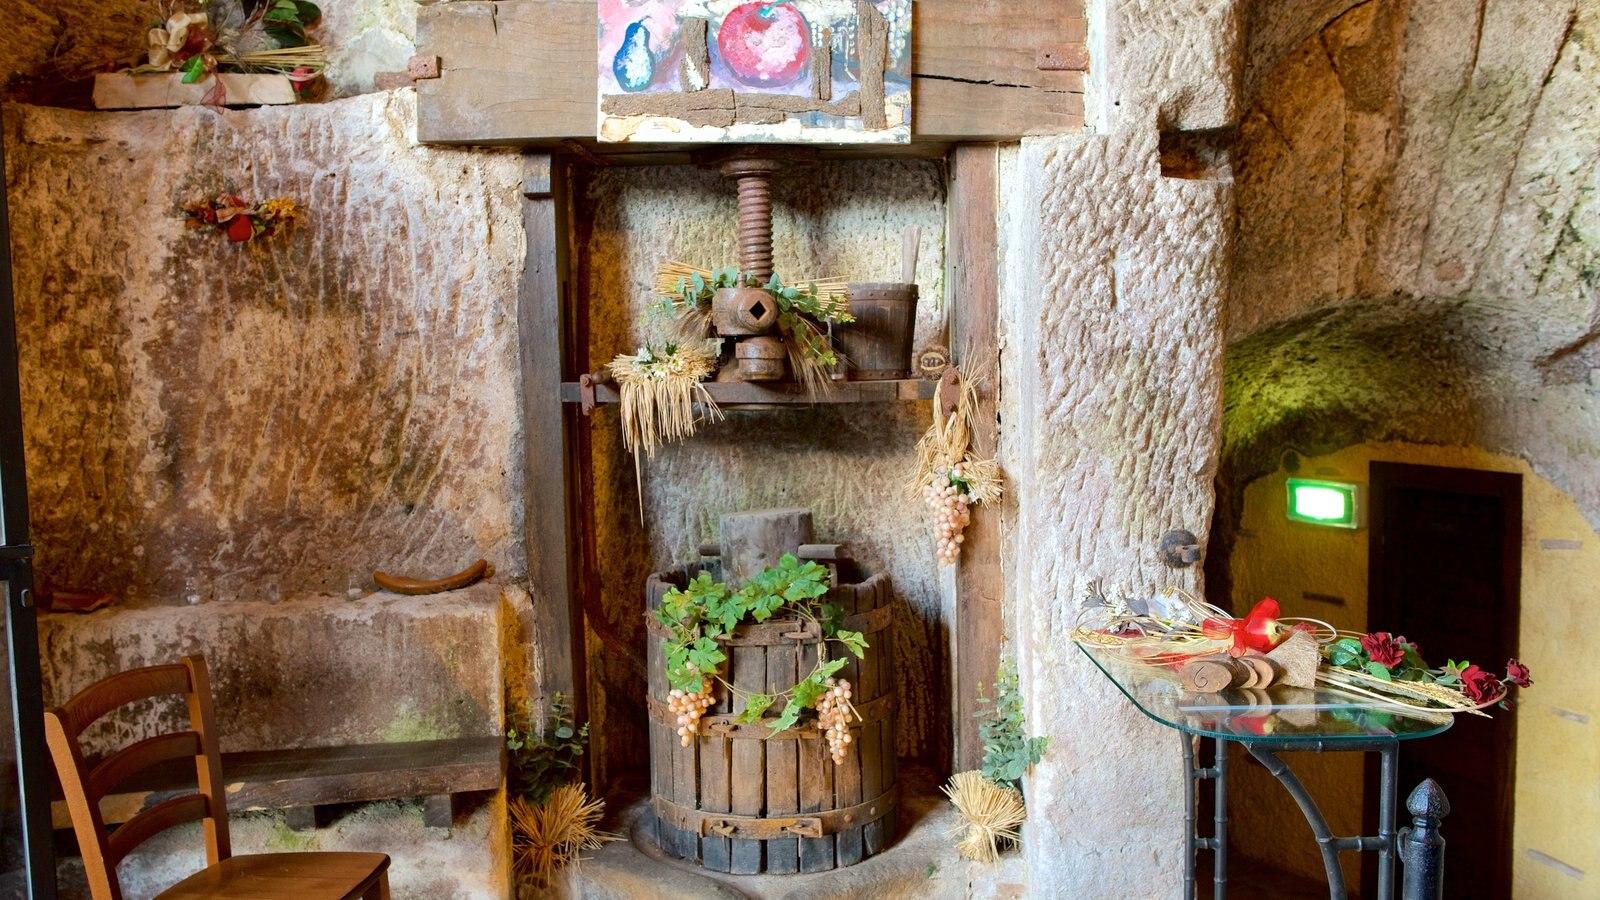 Soriano nel Cimino que inclui vistas internas e arquitetura de patrimônio